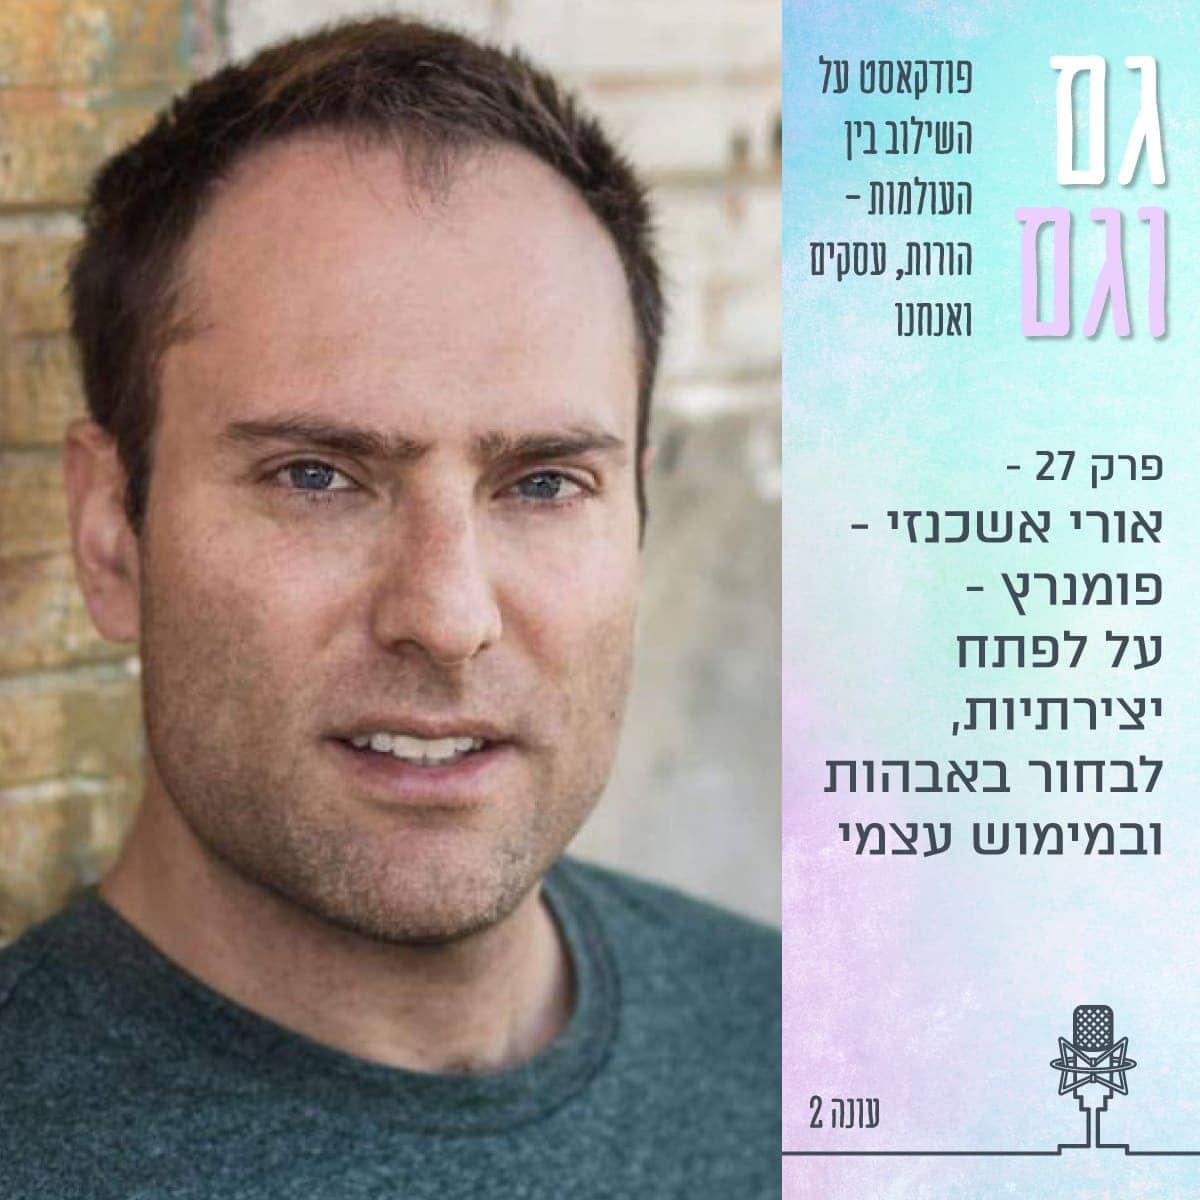 עונה 2 פרק 27: אורי אשכנזי-פומרנץ – על לפתח יצירתיות, לבחור באבהות ובמימוש עצמי